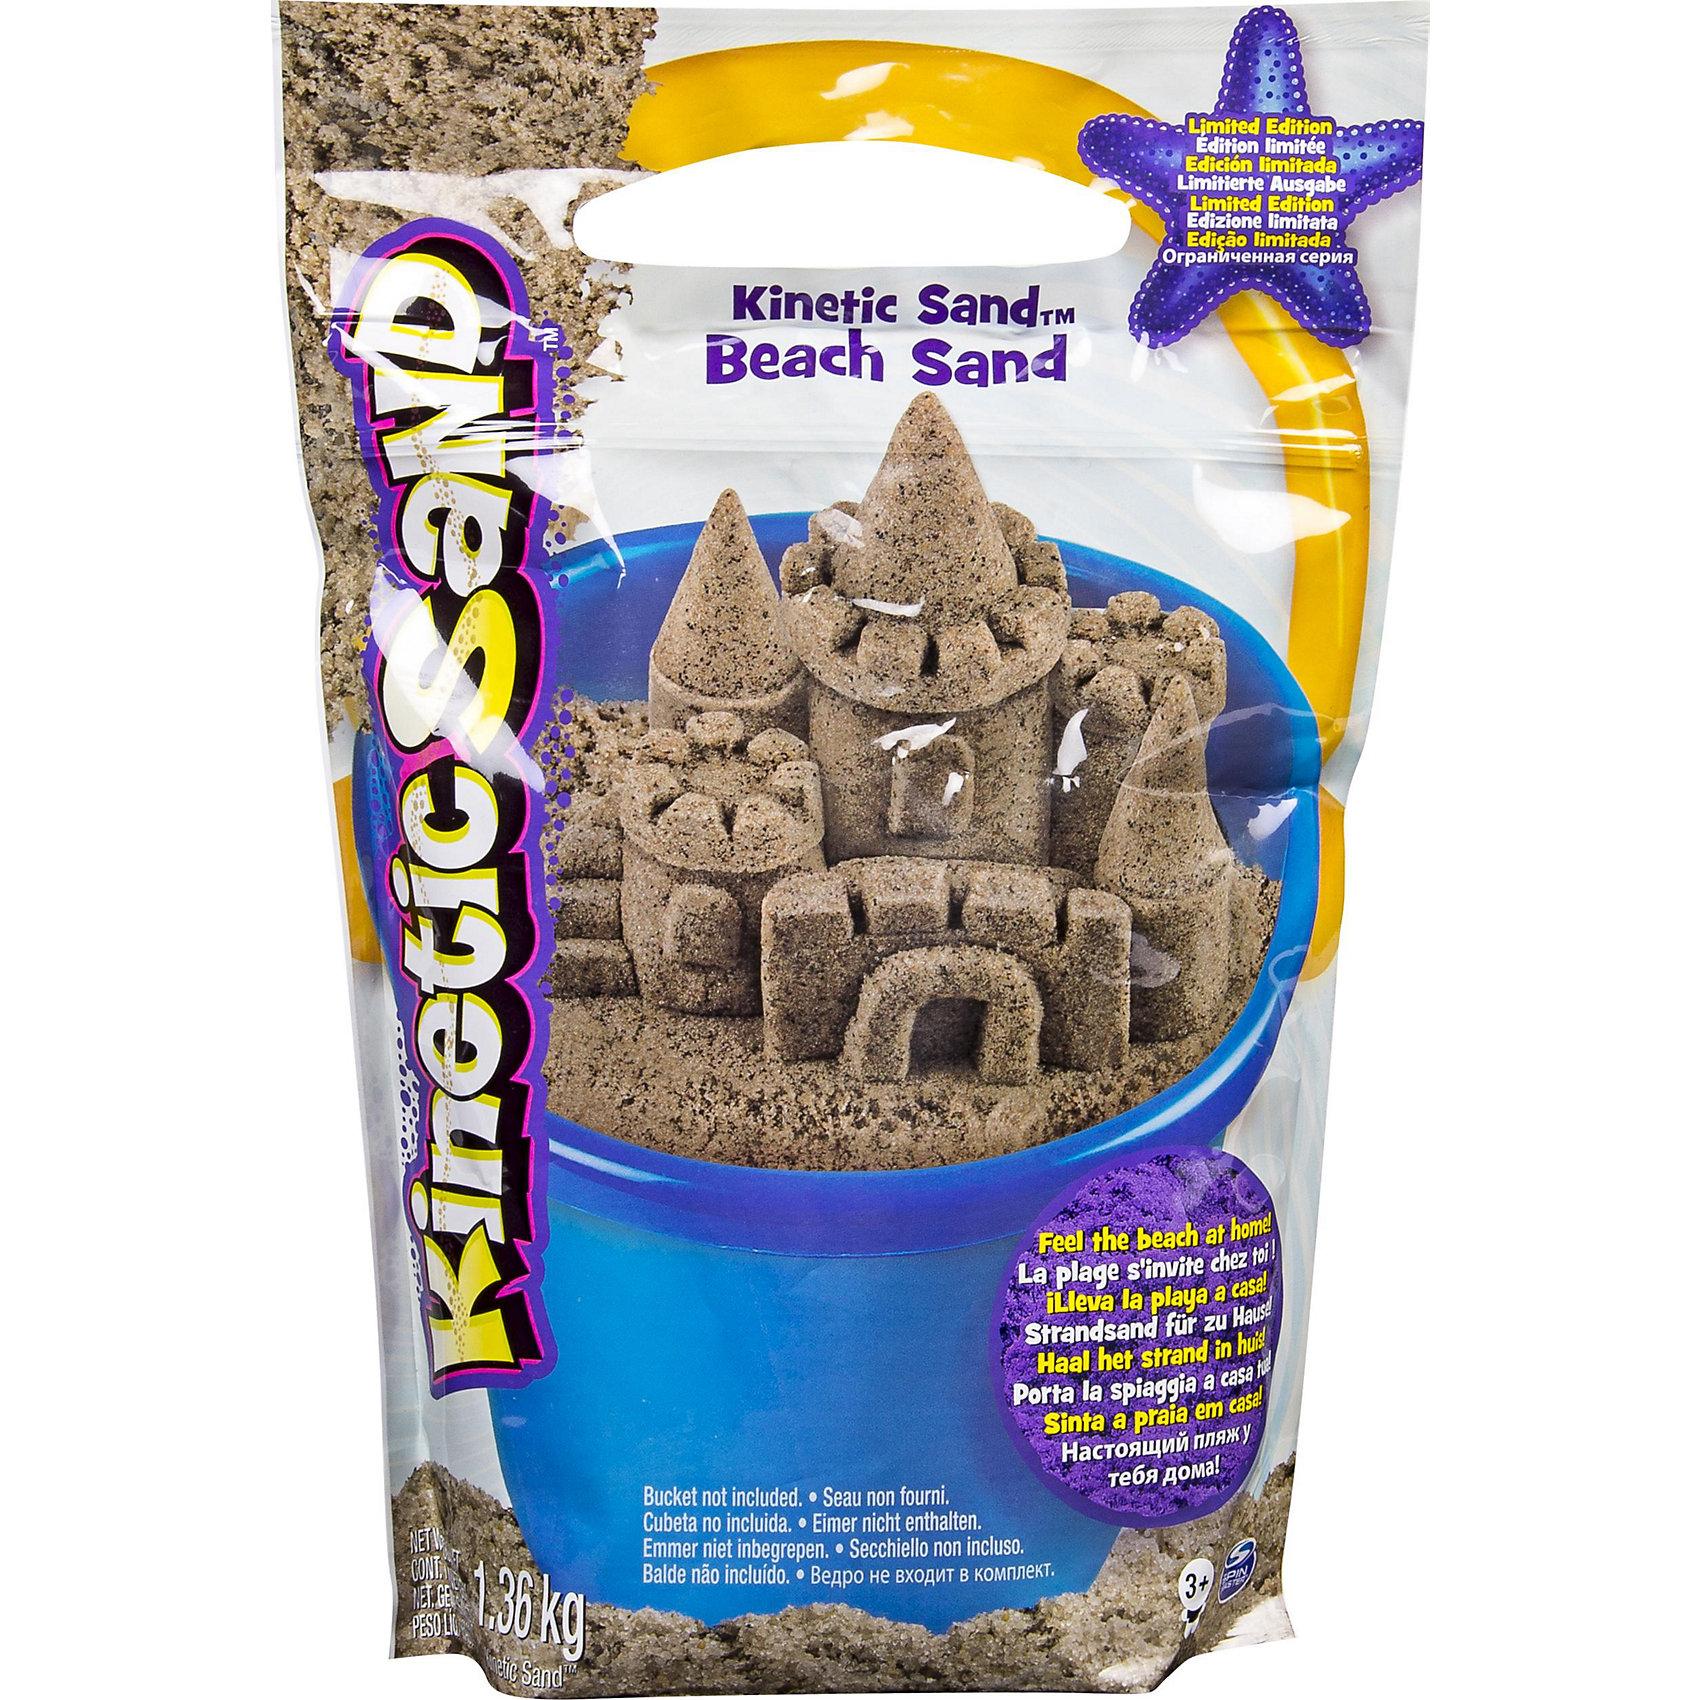 Песок для лепки Kinetic Sand морской песок 1,4 кг коричневыйКинетический песок<br>Характеристики товара:<br><br>• цвет: коричневый<br>• материал: песок<br>• вес: 1,4 г<br>• размер упаковки: 20х8х28 см<br>• не пачкается<br>• можно играть в помещении<br>• упаковка: пакет<br>• возраст: от трех лет<br><br>Лепка из кинетического песка - очень увлекательный вид творчества! С помощью него можно создать множество различных фигурок. Такой песок поможет даеж маленькому ребенку выразить свои творческие способности. Кинетический песок замечателен тем, что он безопасен для детей, не пачкается и не создает трудностей при уборке после игр.<br>Малыш может прямо дома приступить к созданию объемных фигур! Изделие произведено из качественных и безопасных для ребенка материалов. Игра с таким песком помогает развить мышление ребенка, аккуратность, внимательность, мелкую моторику и воображение. Полезный и развивающий подарок!<br><br>Песок для лепки Kinetic Sand морской песок 1,4 кг коричневый можно купить в нашем интернет-магазине.<br><br>Ширина мм: 306<br>Глубина мм: 203<br>Высота мм: 68<br>Вес г: 1400<br>Возраст от месяцев: 36<br>Возраст до месяцев: 72<br>Пол: Унисекс<br>Возраст: Детский<br>SKU: 4648100